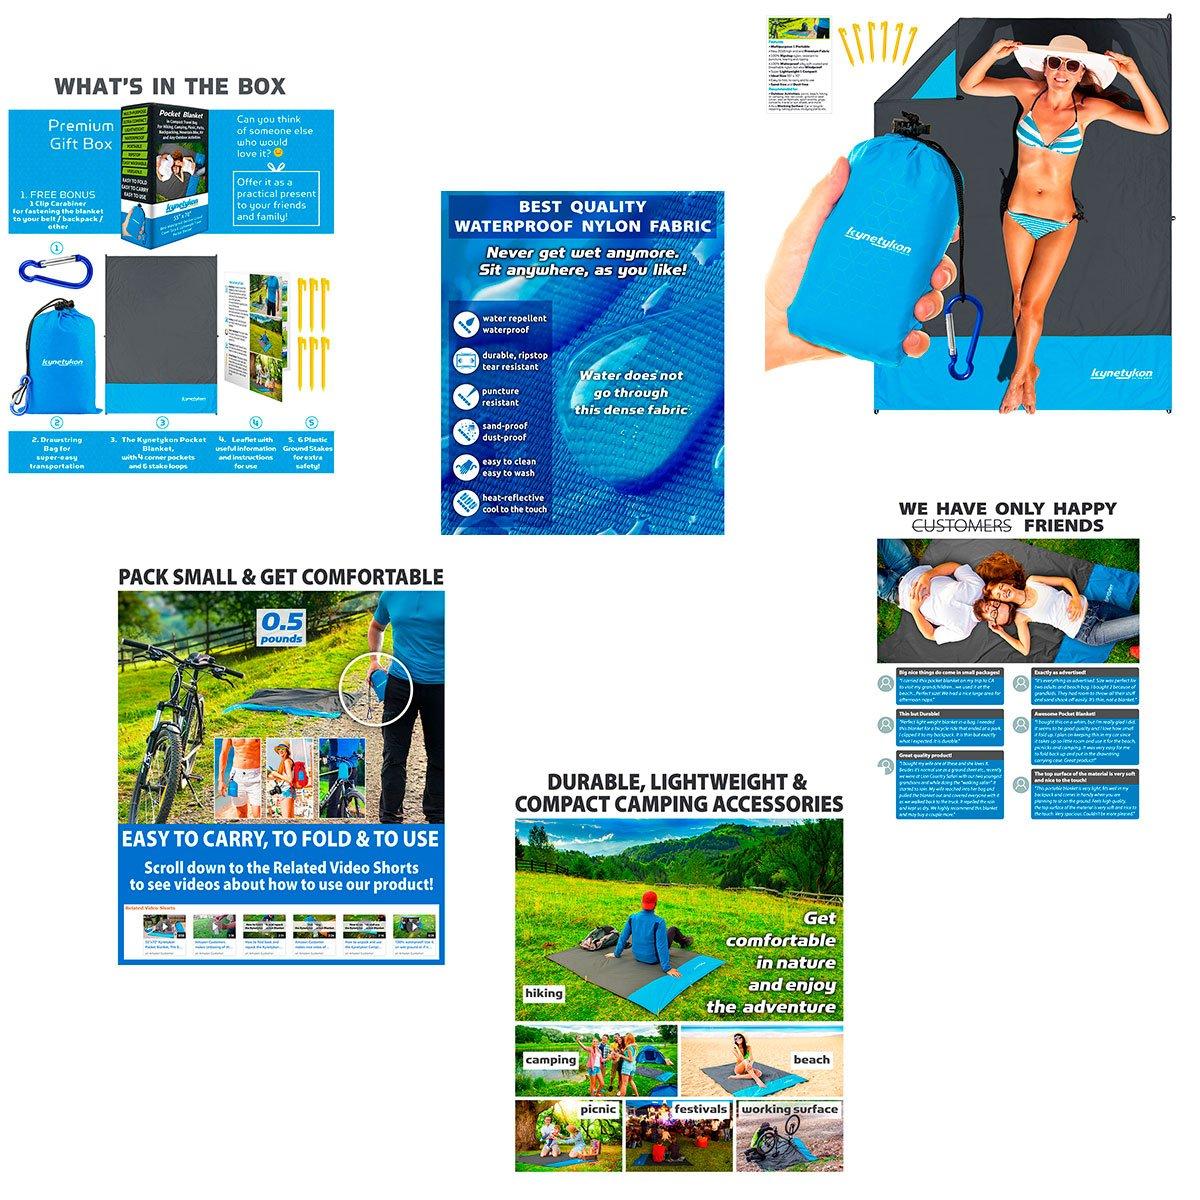 Oferim servicii creative și eficiente de design vizualuri și infografice Amazon, la prețuri rezonabile, concepte unice și execuție rapidă.